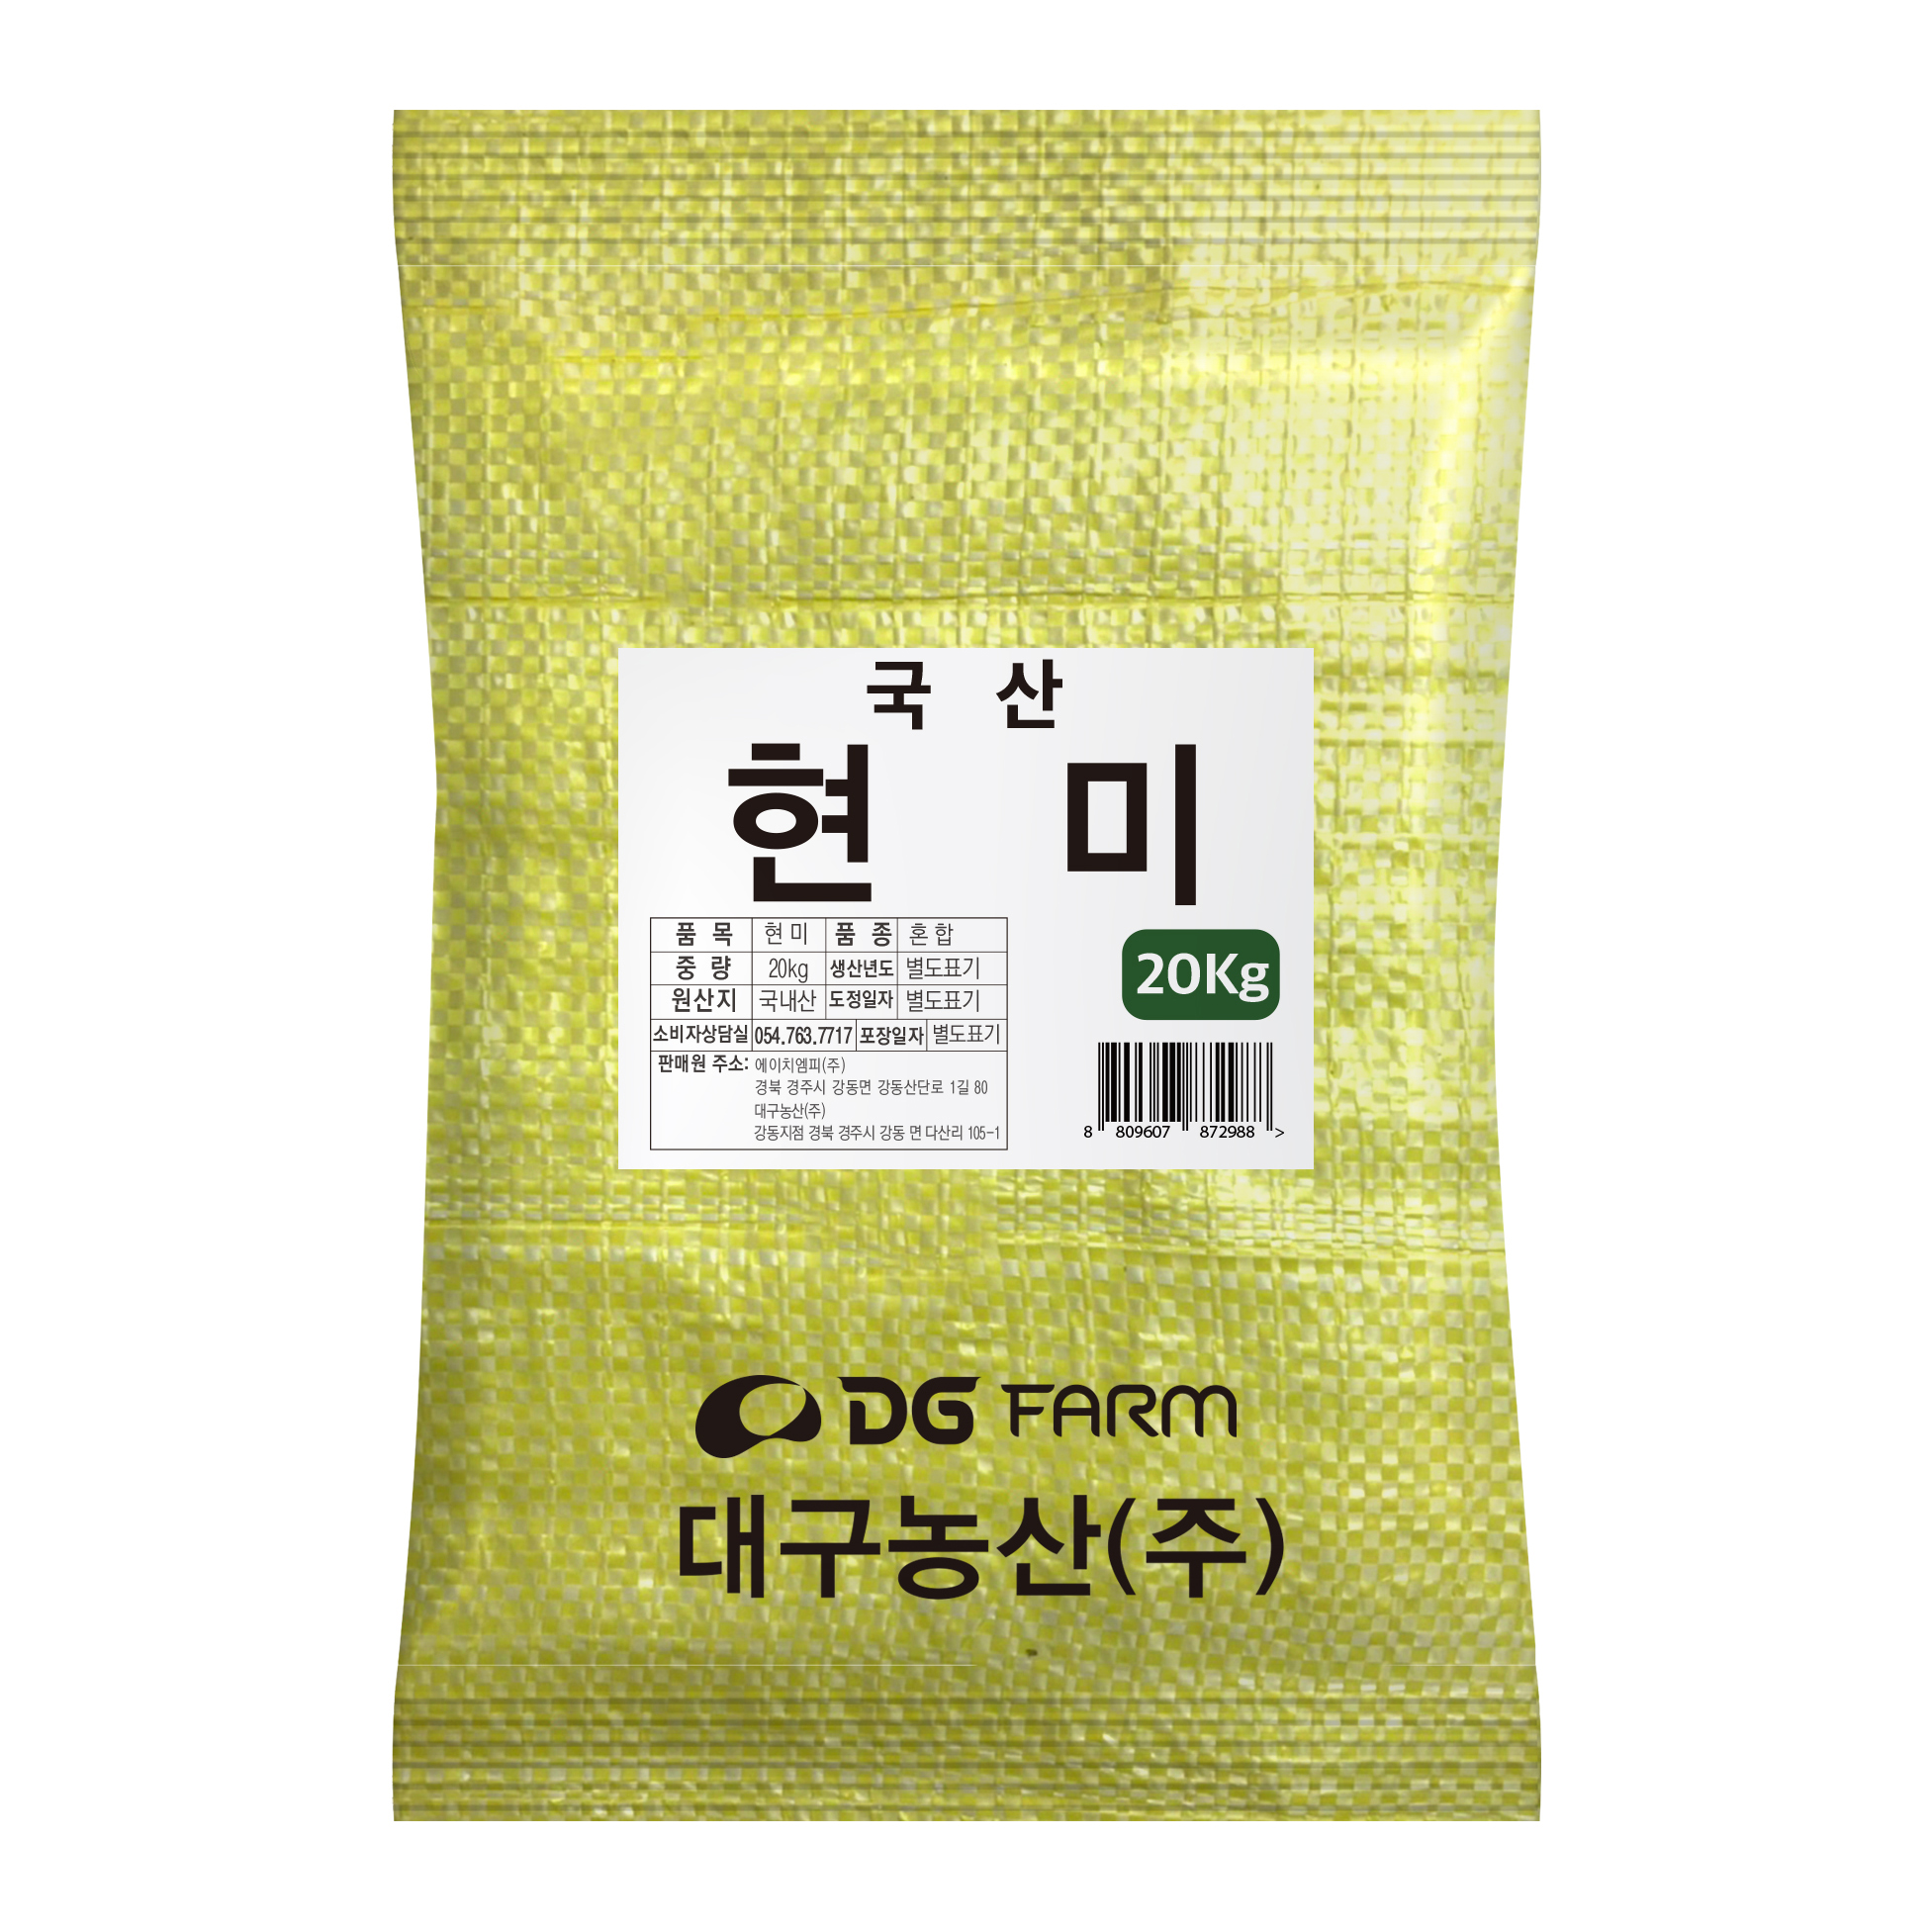 건강한밥상 국산 현미, 20kg, 1개